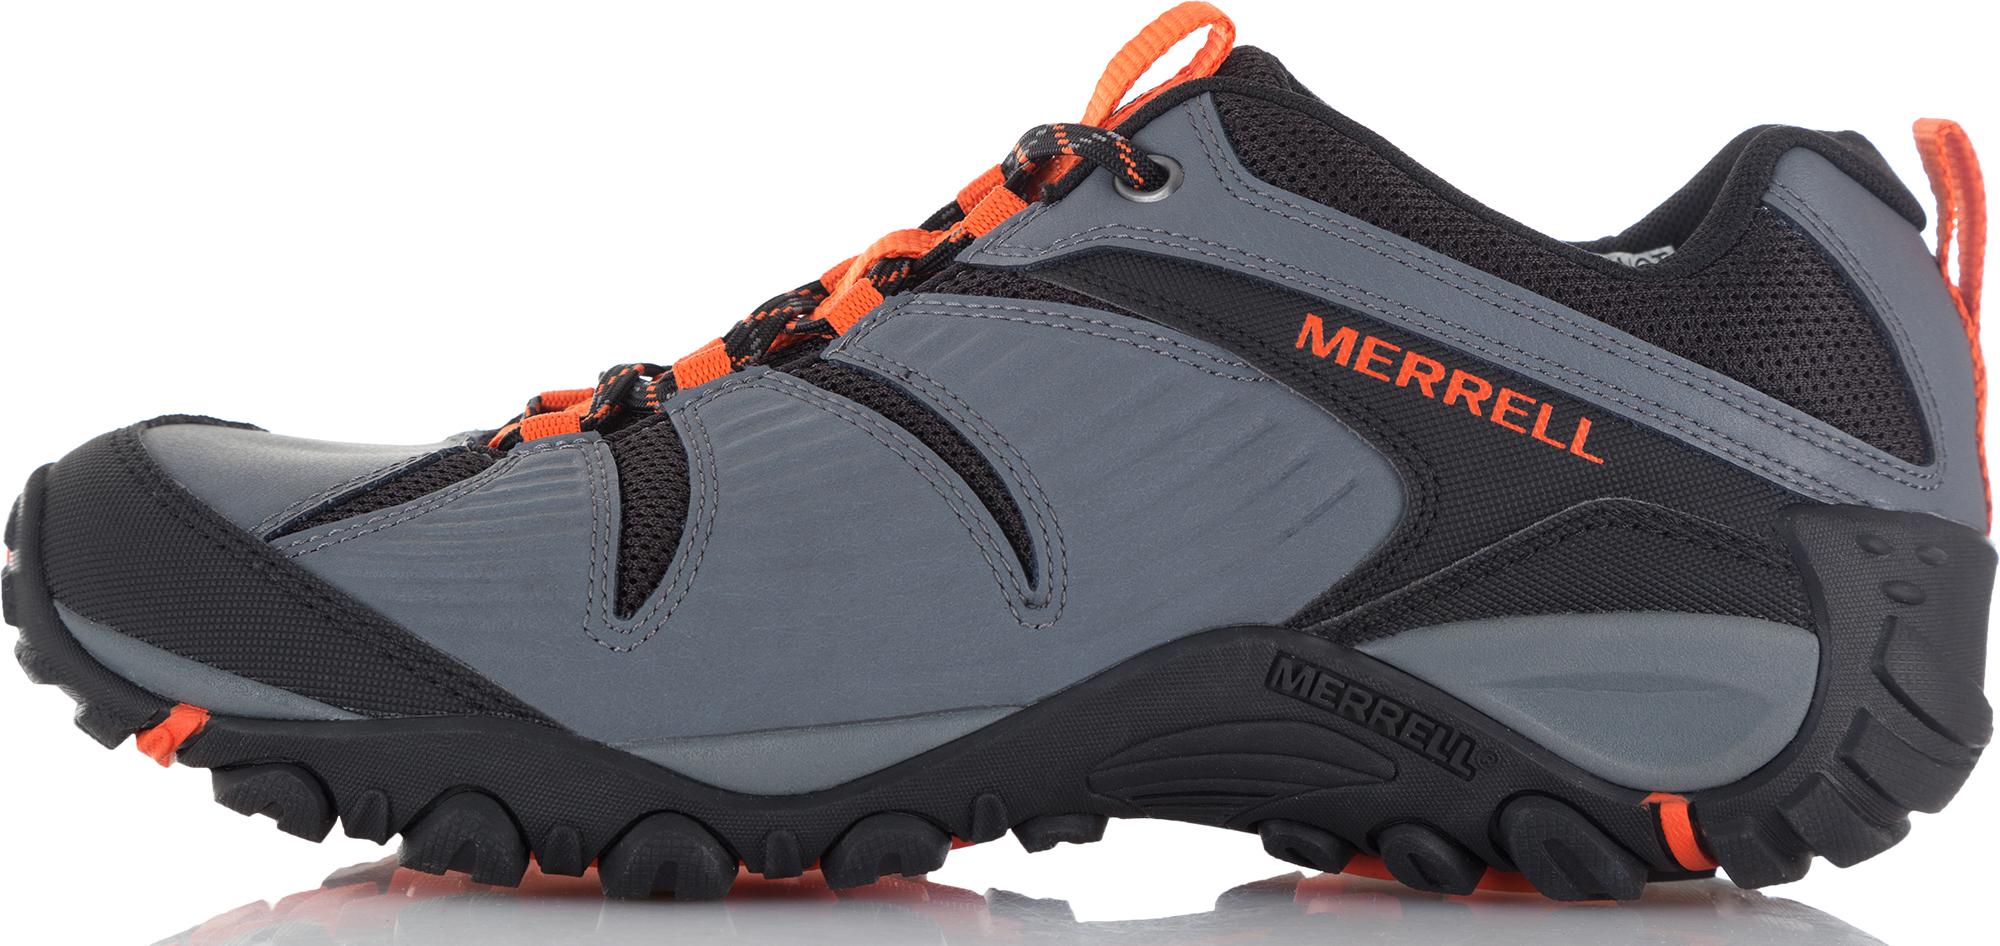 Merrell Полуботинки мужские Merrell Kangri Ltr, размер 46 merrell полуботинки мужские merrell moab adventure lace